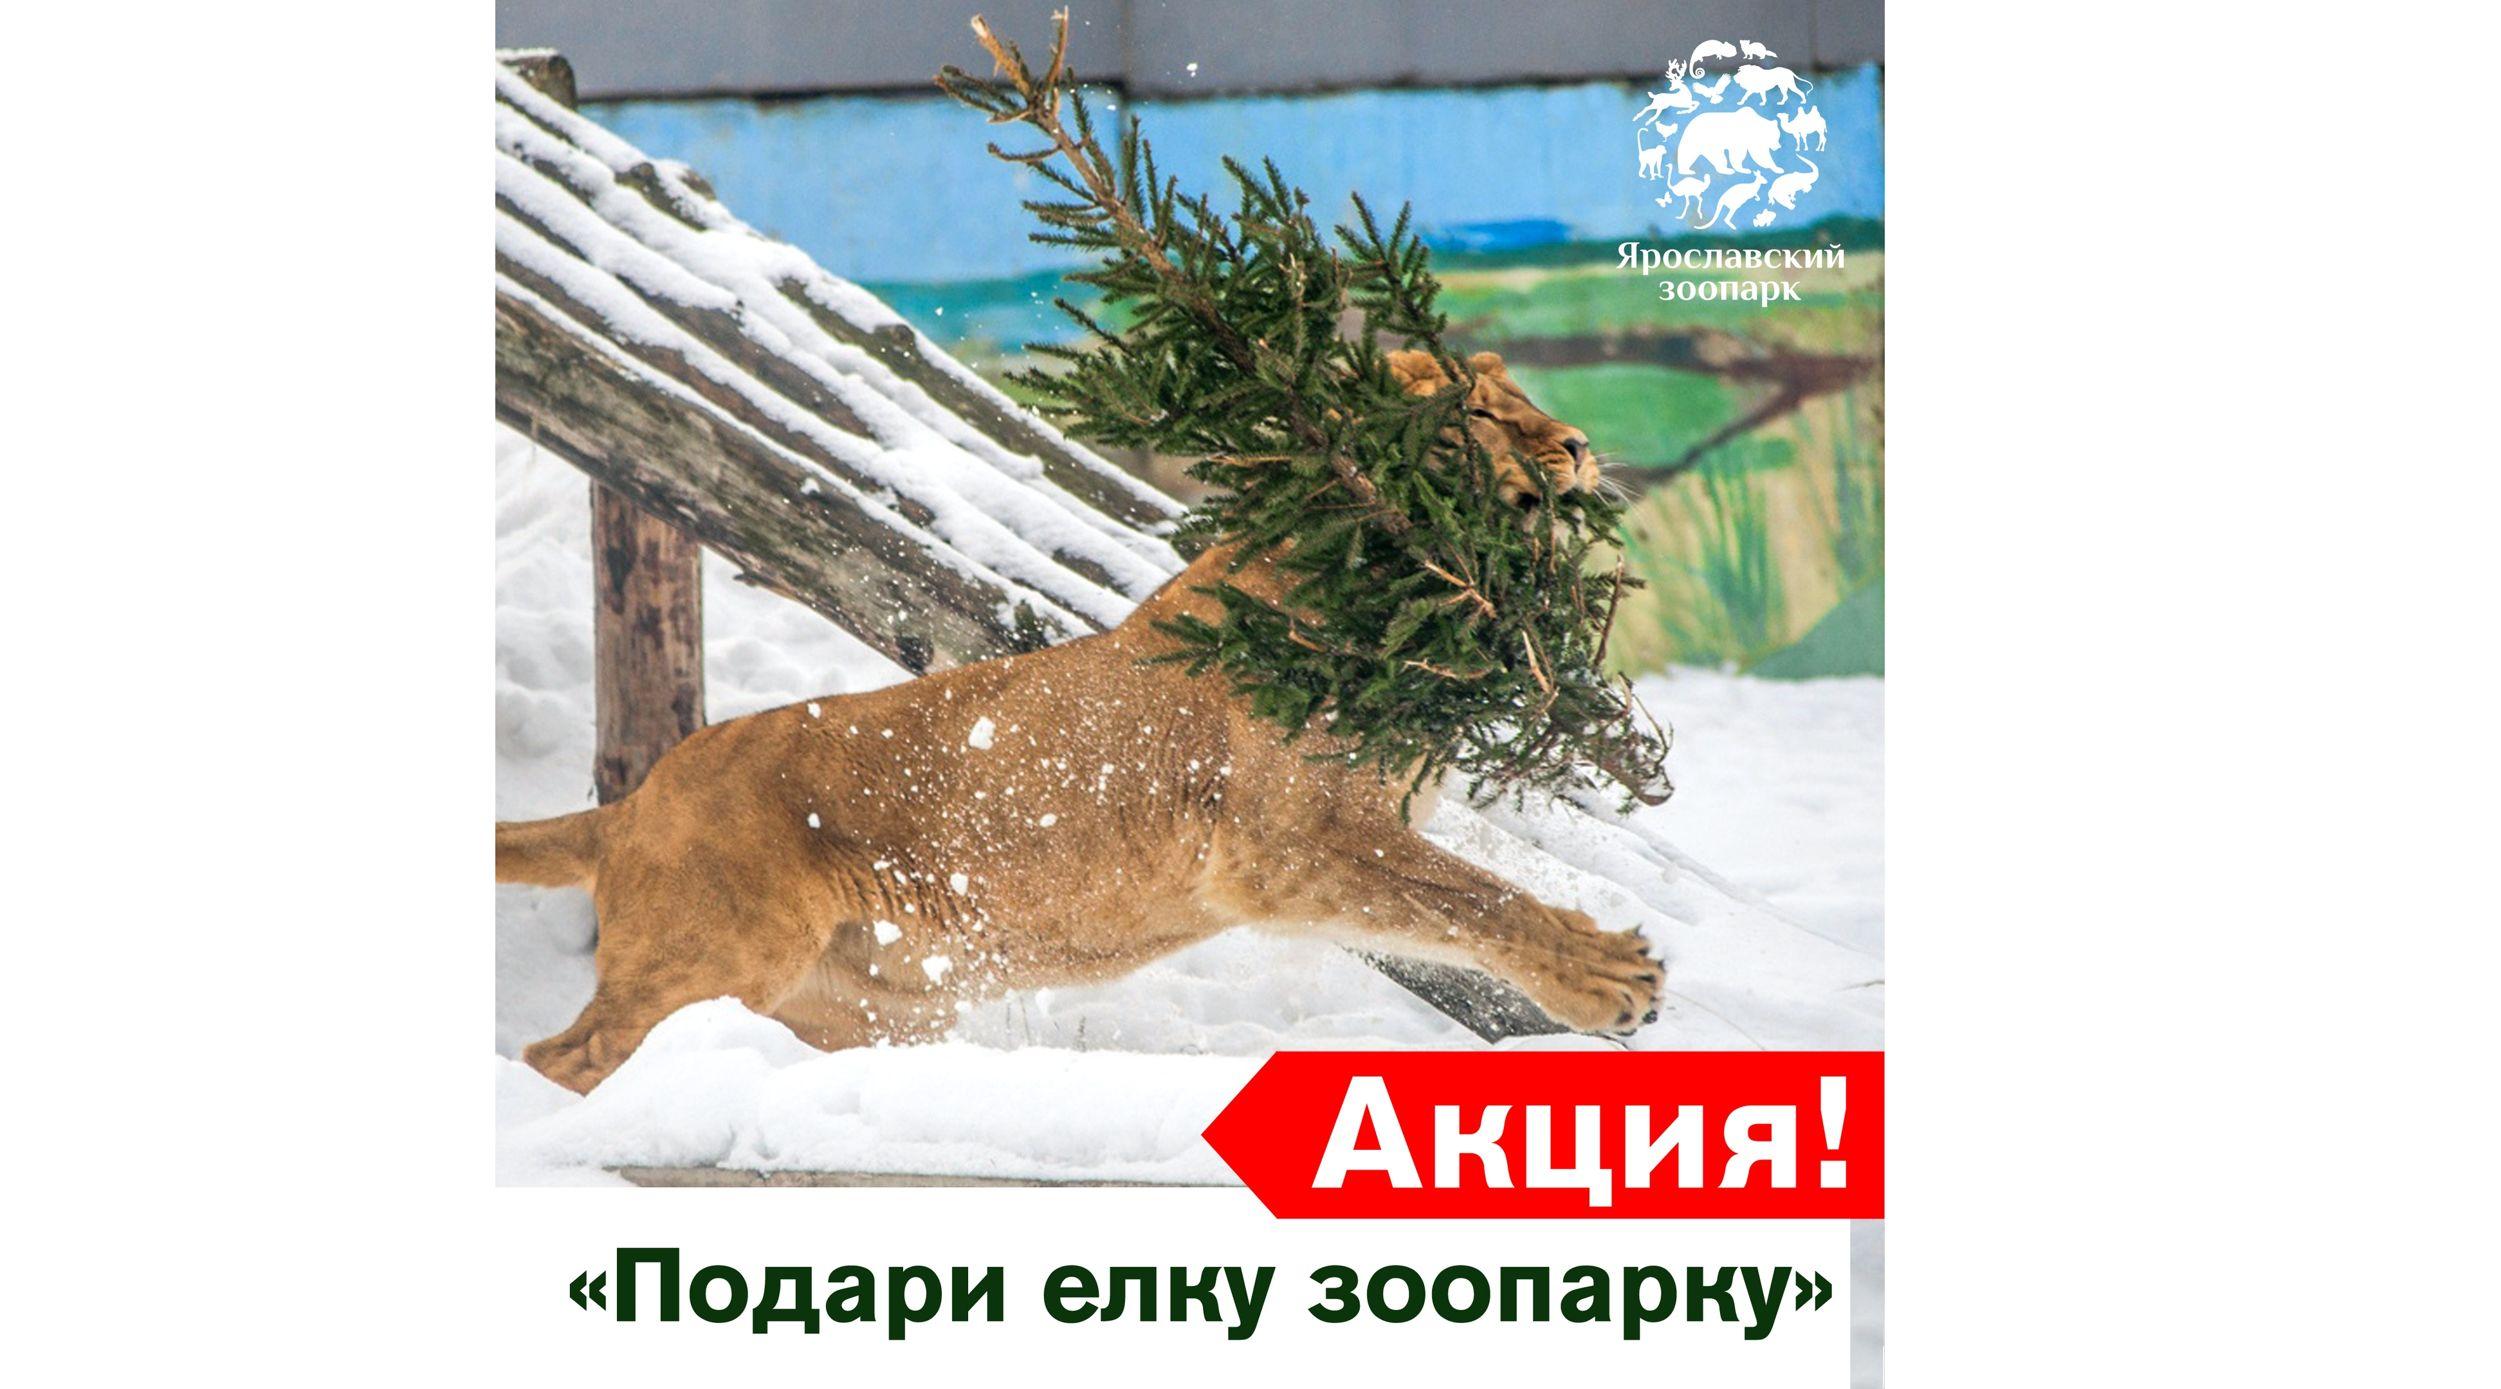 Ярославский зоопарк начинает принимать елки, «отслужившие» в новогодние праздники